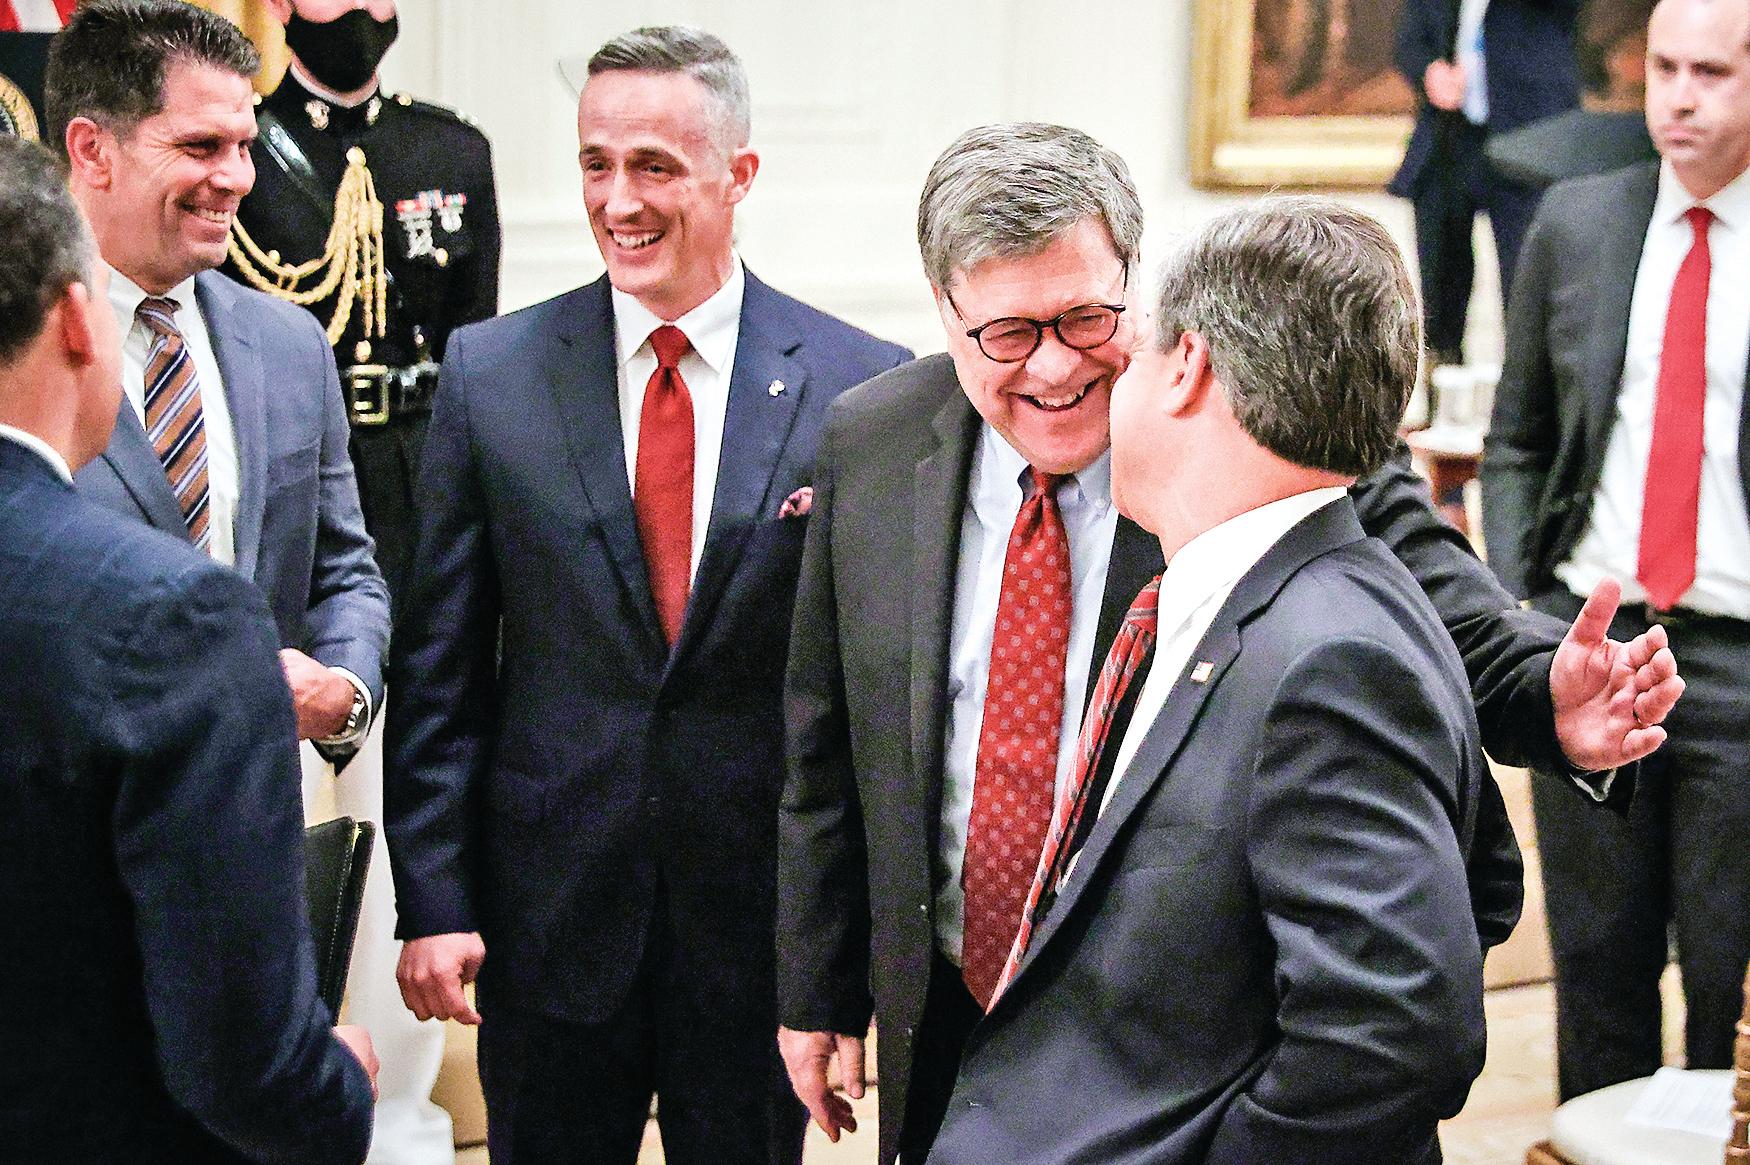 巴爾(右二)被任命為司法部長後,又把幾位凱易律師事務所的老同事拉進司法部工作,包括現任司法部長助理本奇科夫斯基(左二)。(Getty Images)